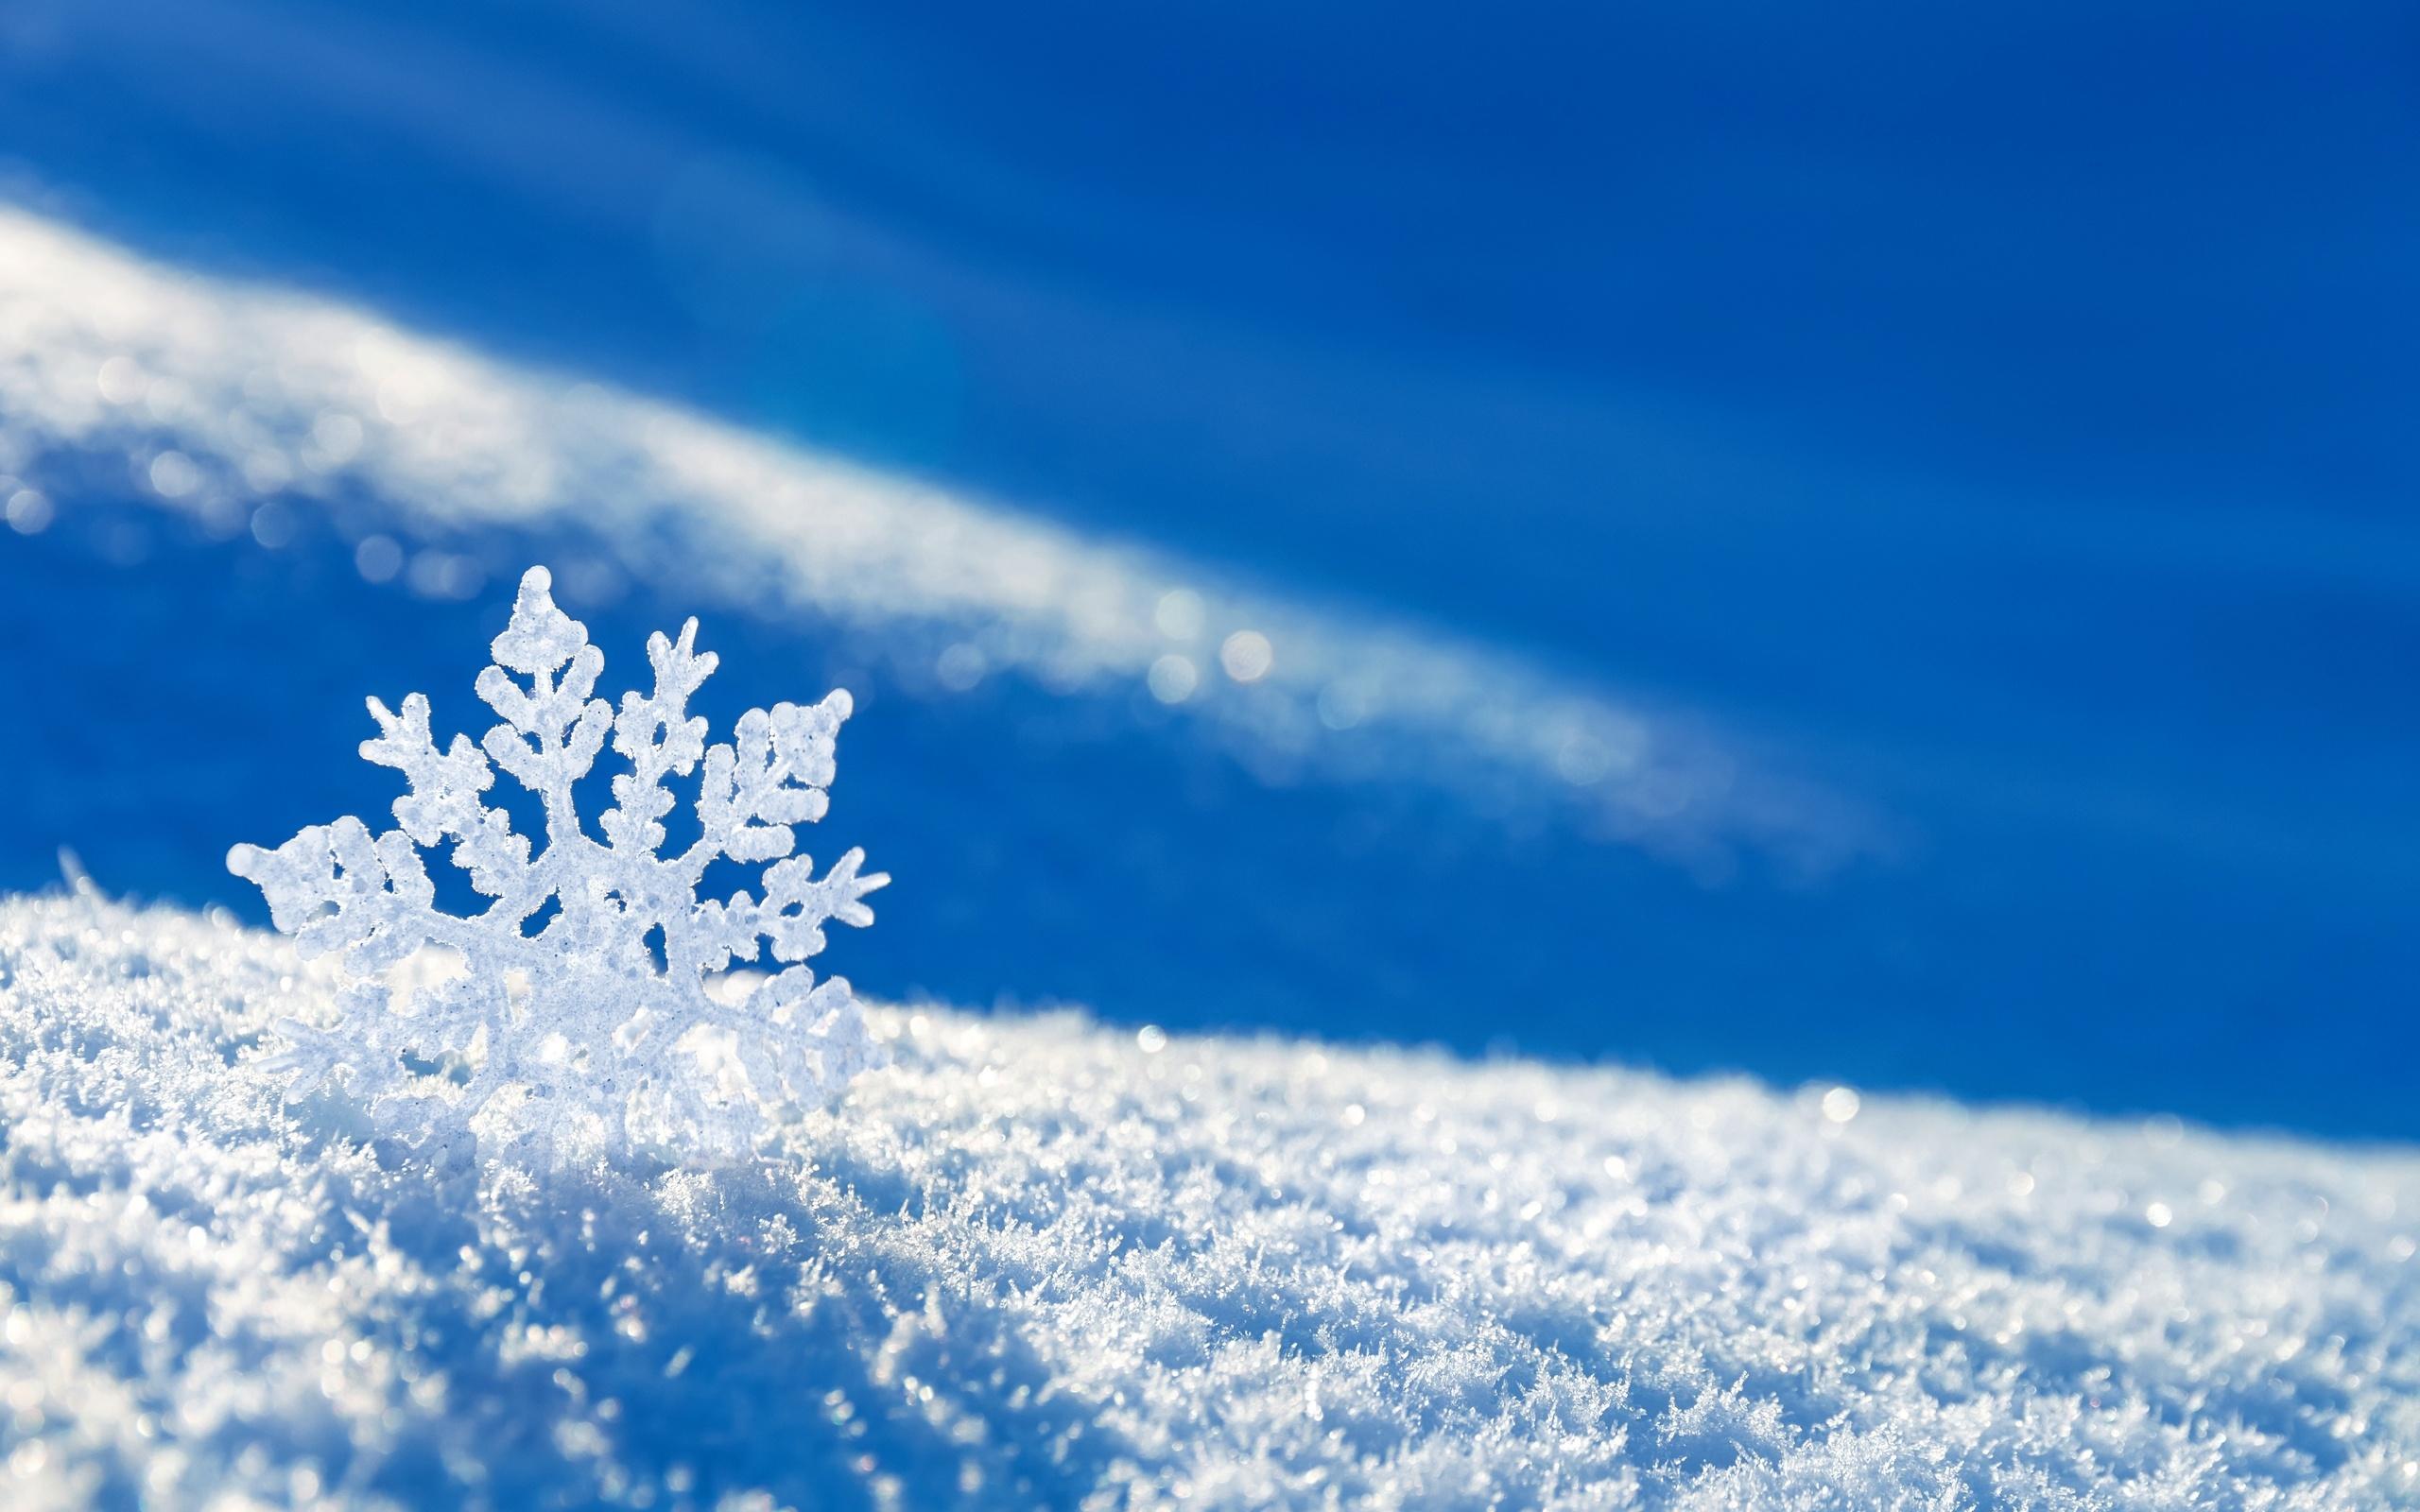 Картинка снег для рабочего стола